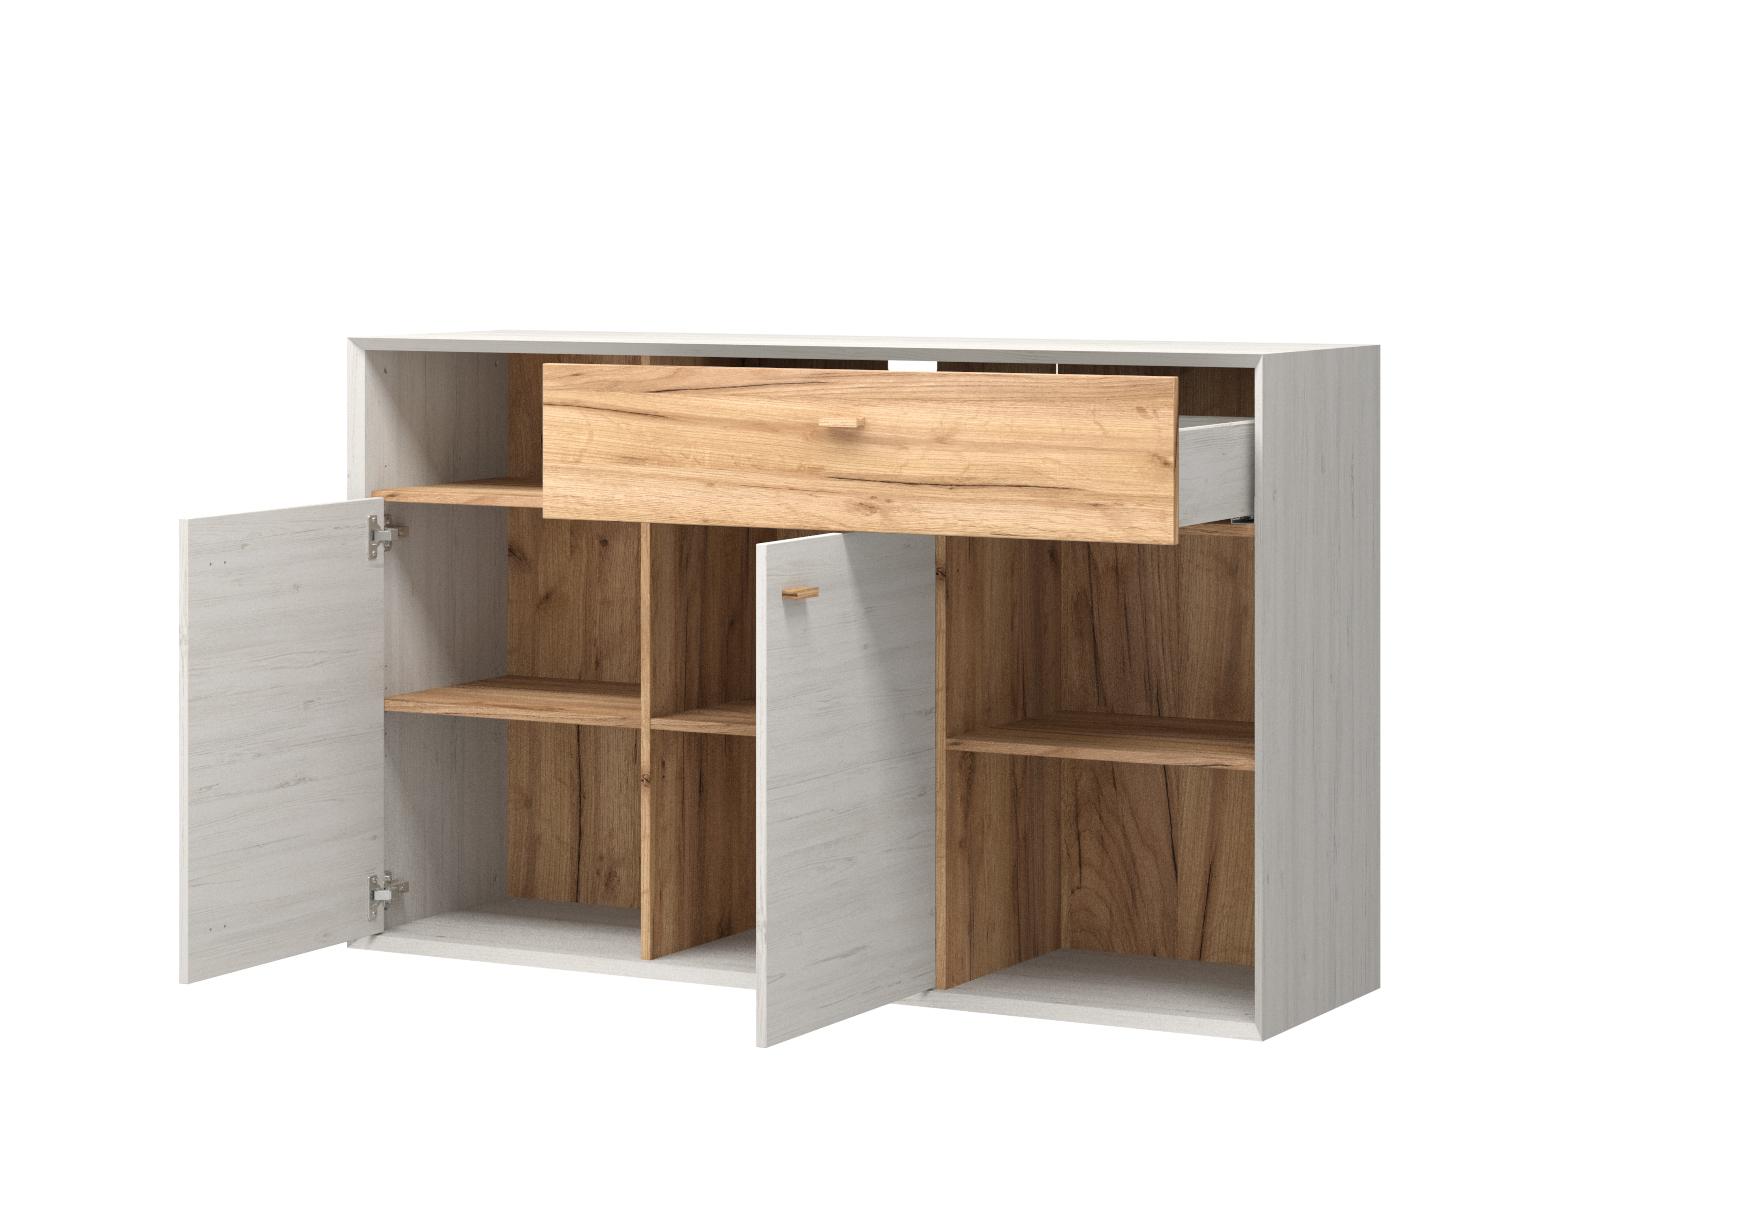 sideboard f hr pinie wei nb navarra eiche nb kommode schrank anrichte m bel wohnen. Black Bedroom Furniture Sets. Home Design Ideas